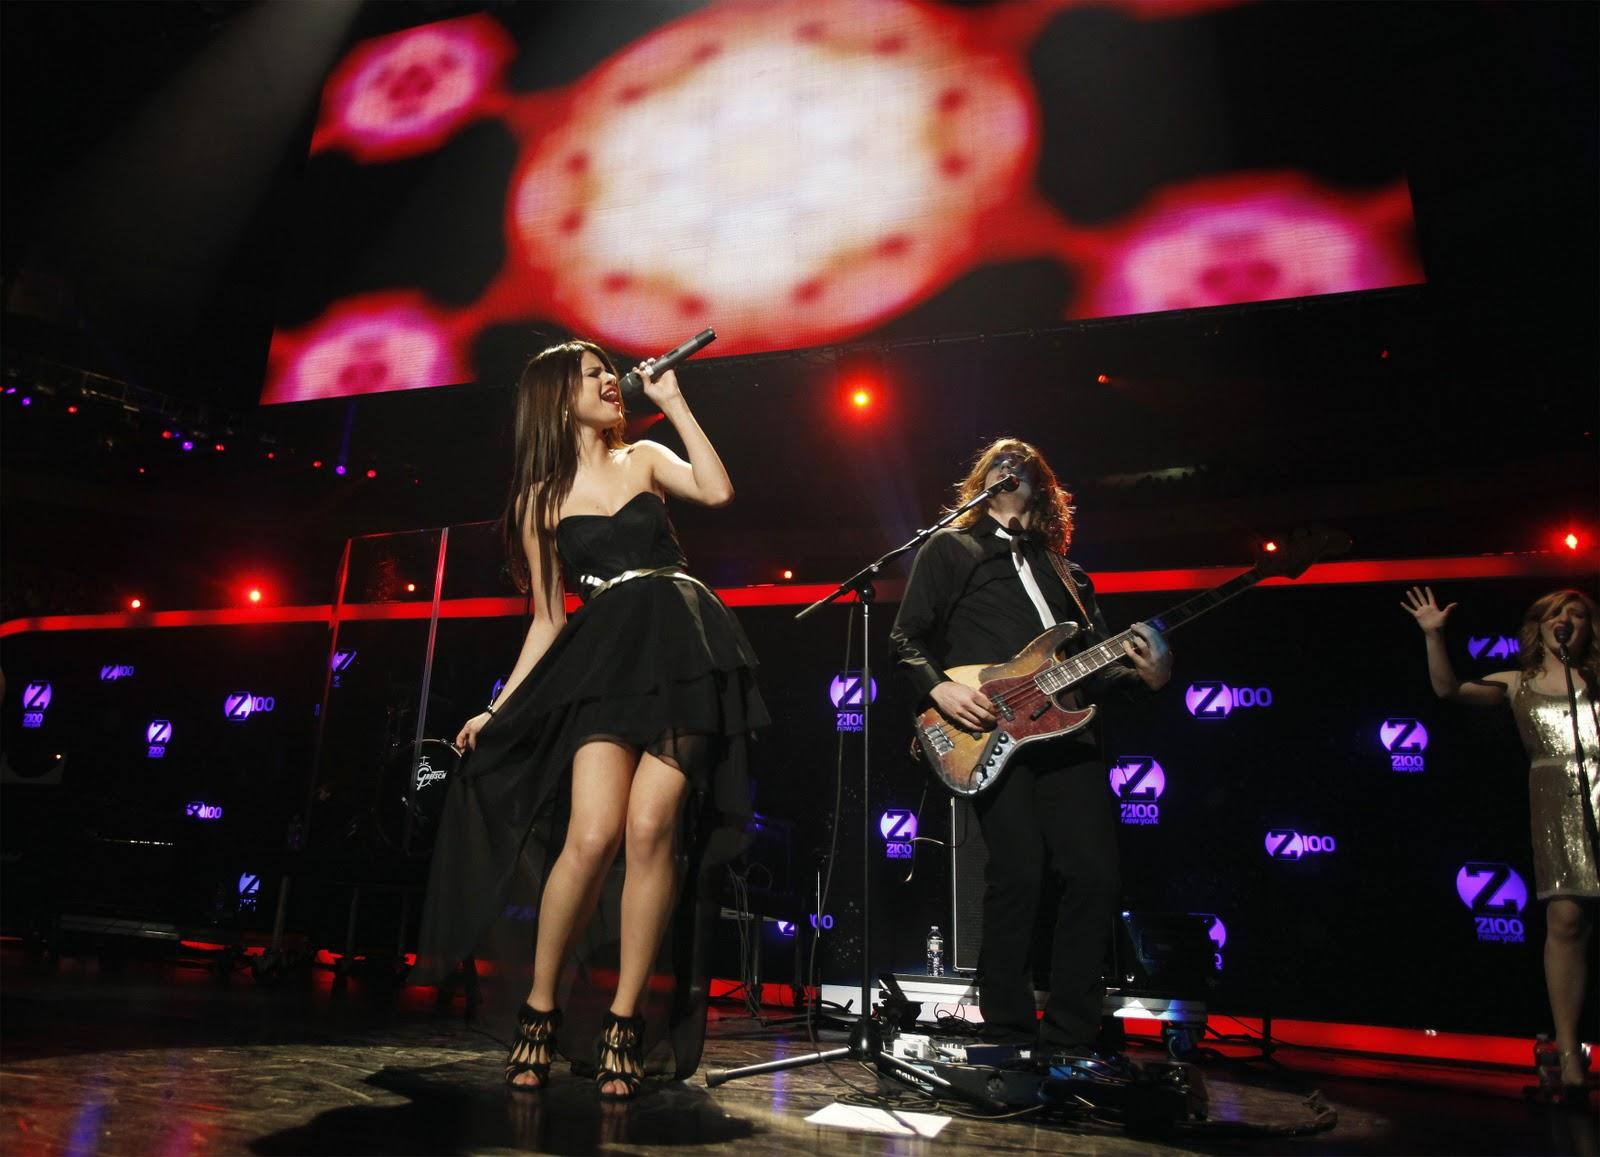 Selena gomez performence in madison square garden 2010 - Jingle ball madison square garden ...